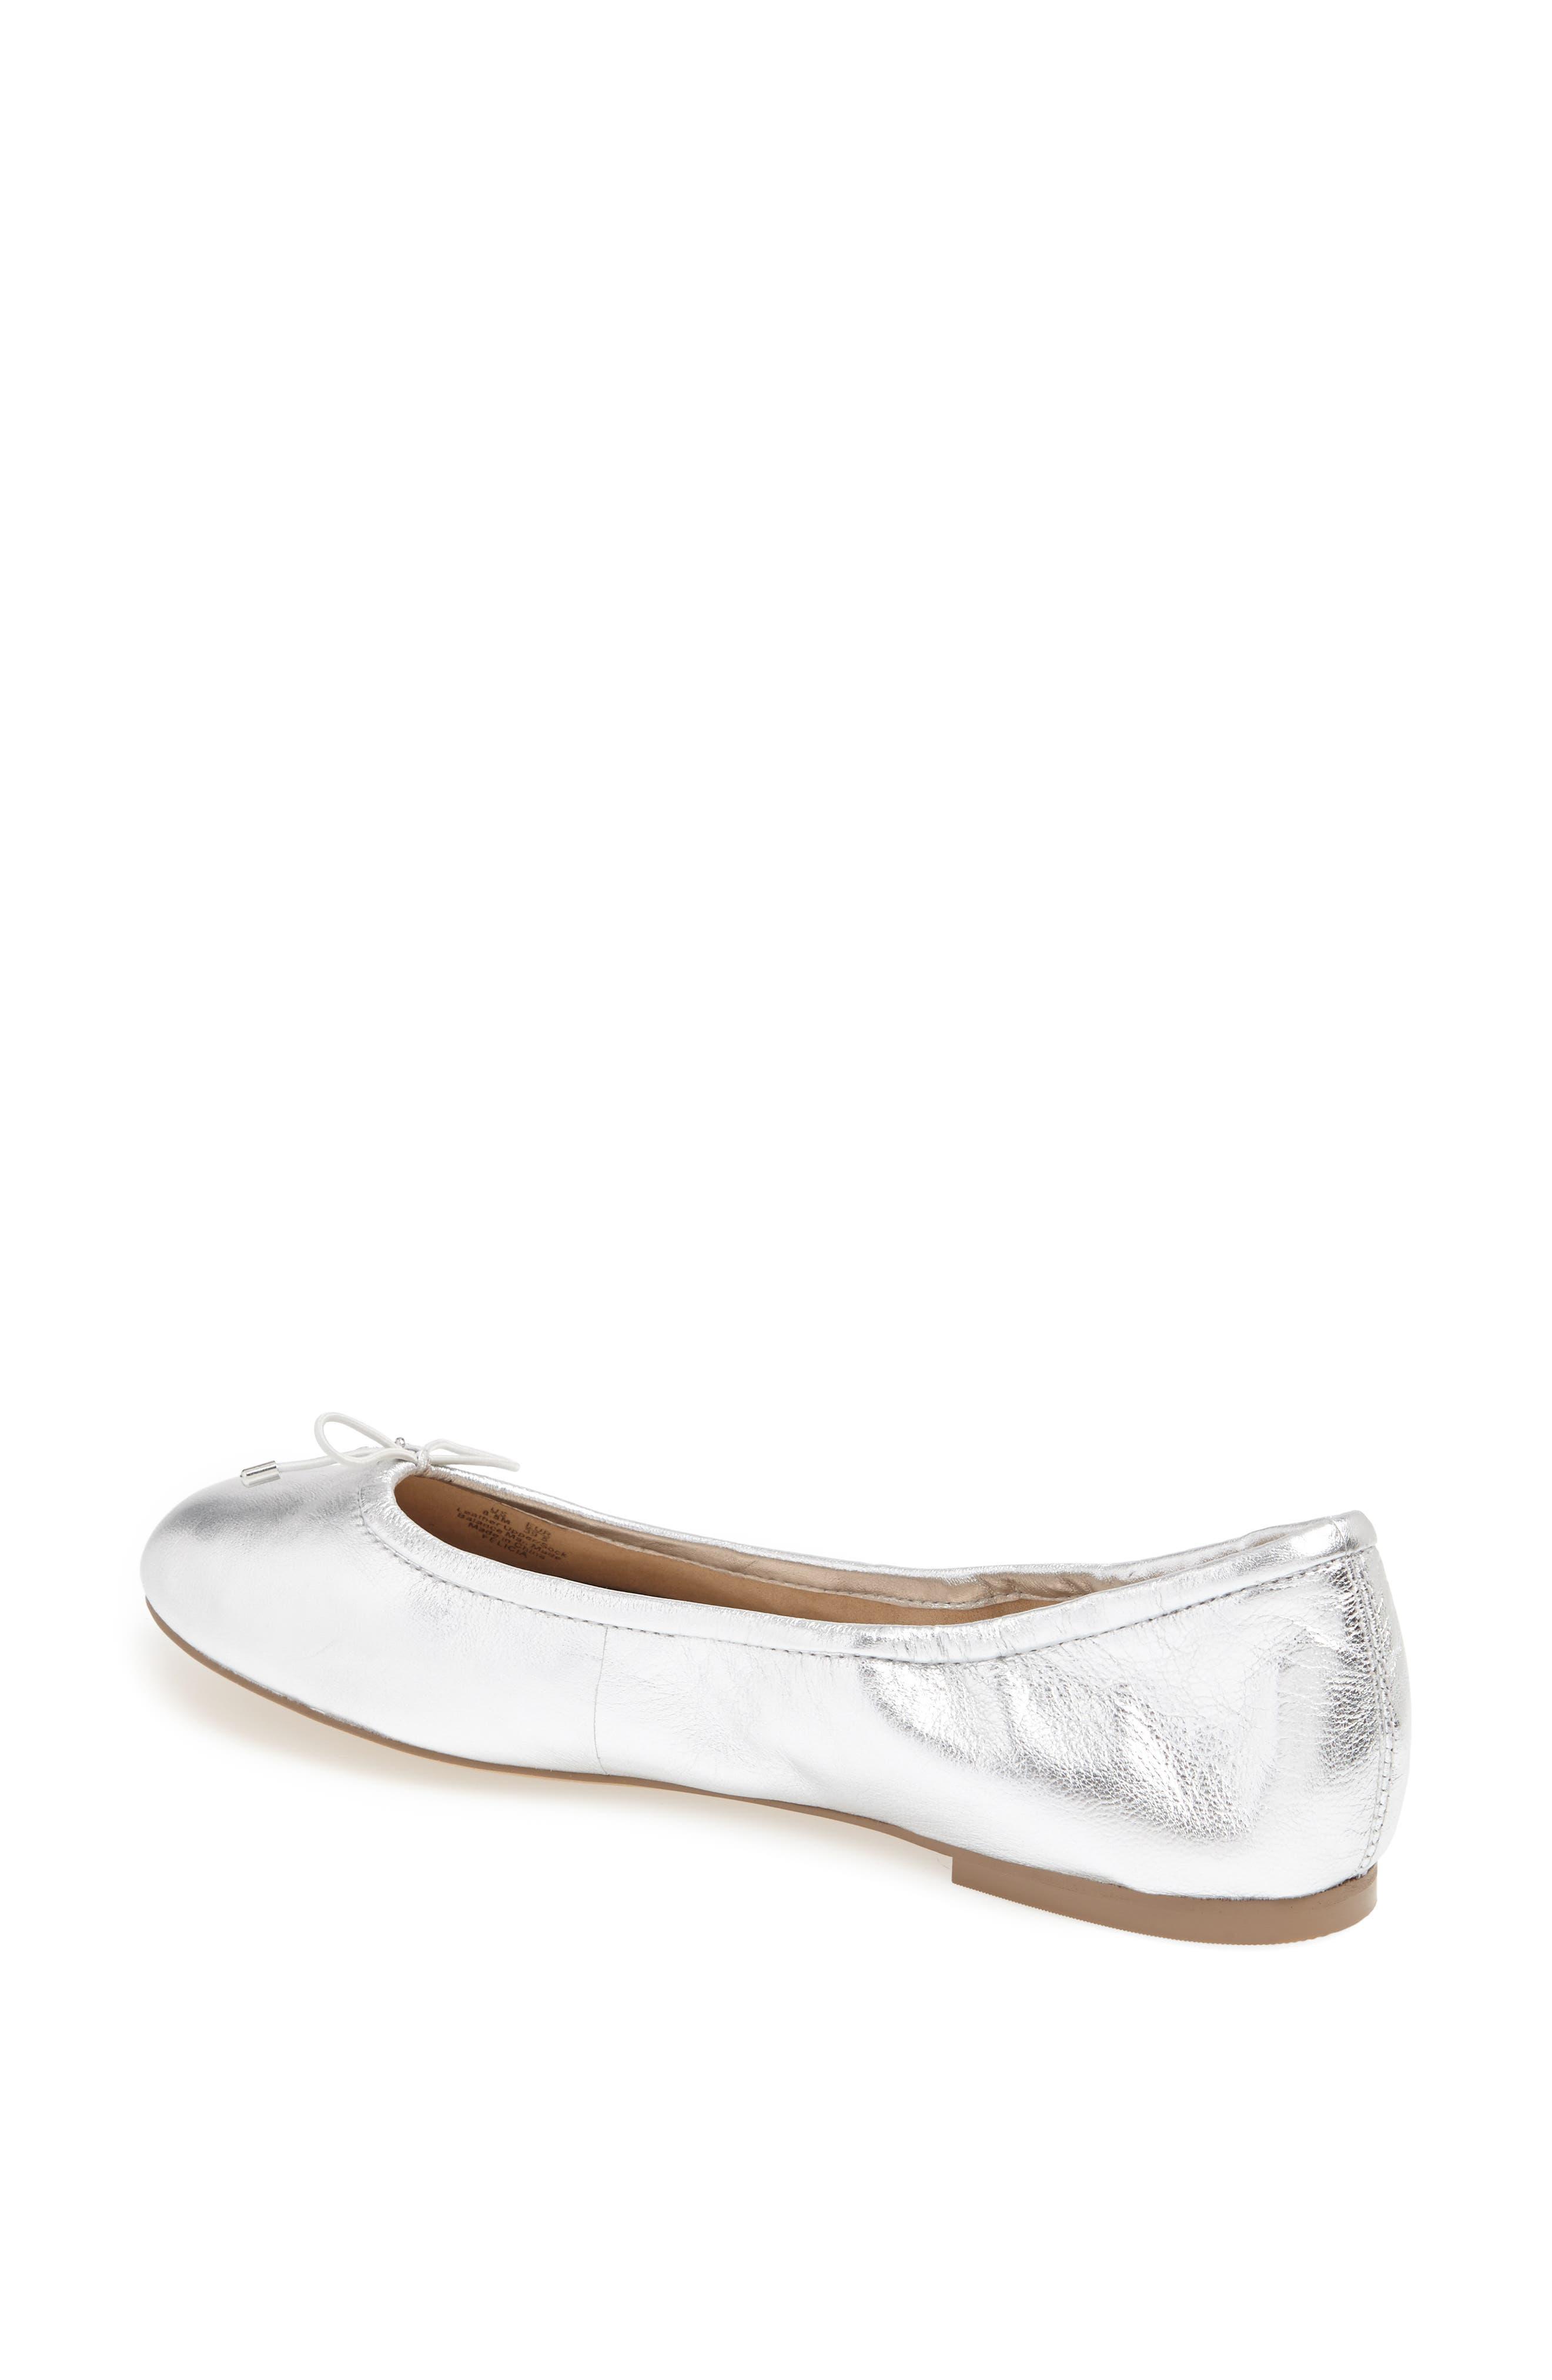 65cb277c55d Women s Flats   Ballet Flats